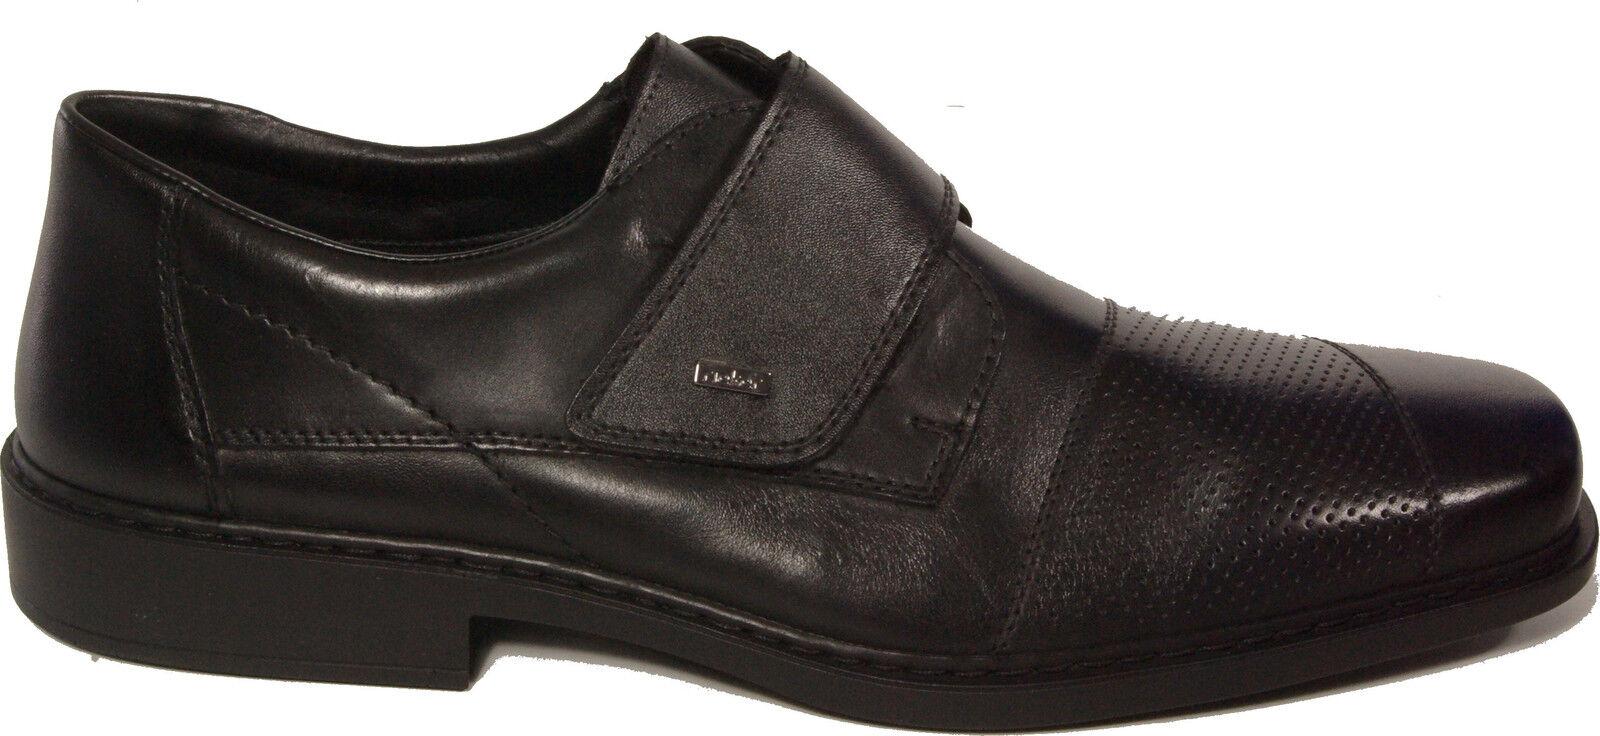 Rieker Chaussures Basses pantoufles Business noir en cuir cuir cuir véritable fermeture velcro neuf | De Nouvelles Variétés Sont Introduites L'une Après L'autre  edfce2